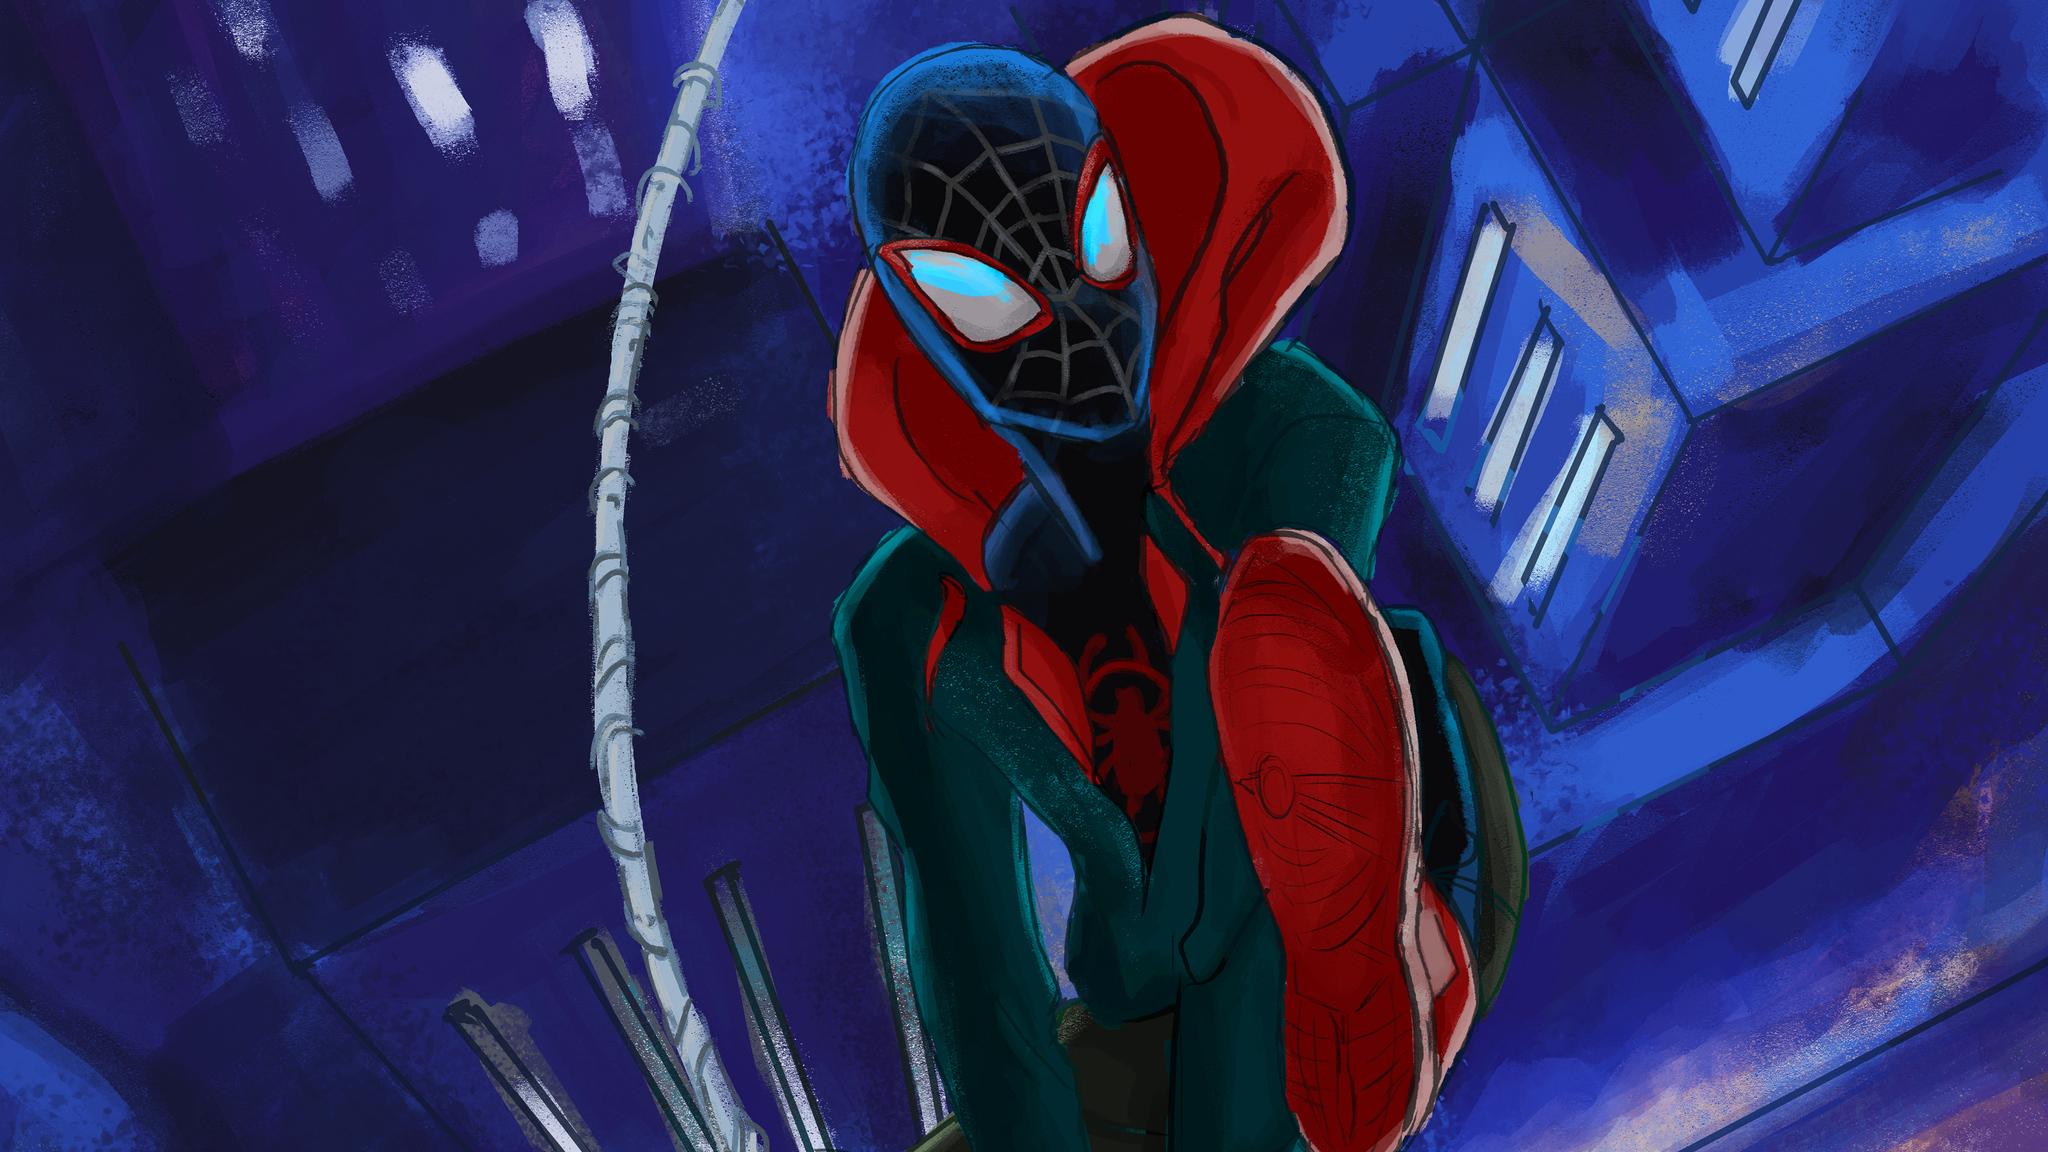 2048x1152 Pubg Artwork 4k 2048x1152 Resolution Hd 4k: 2048x1152 Spiderman Miles Morales Art 4k New 2048x1152